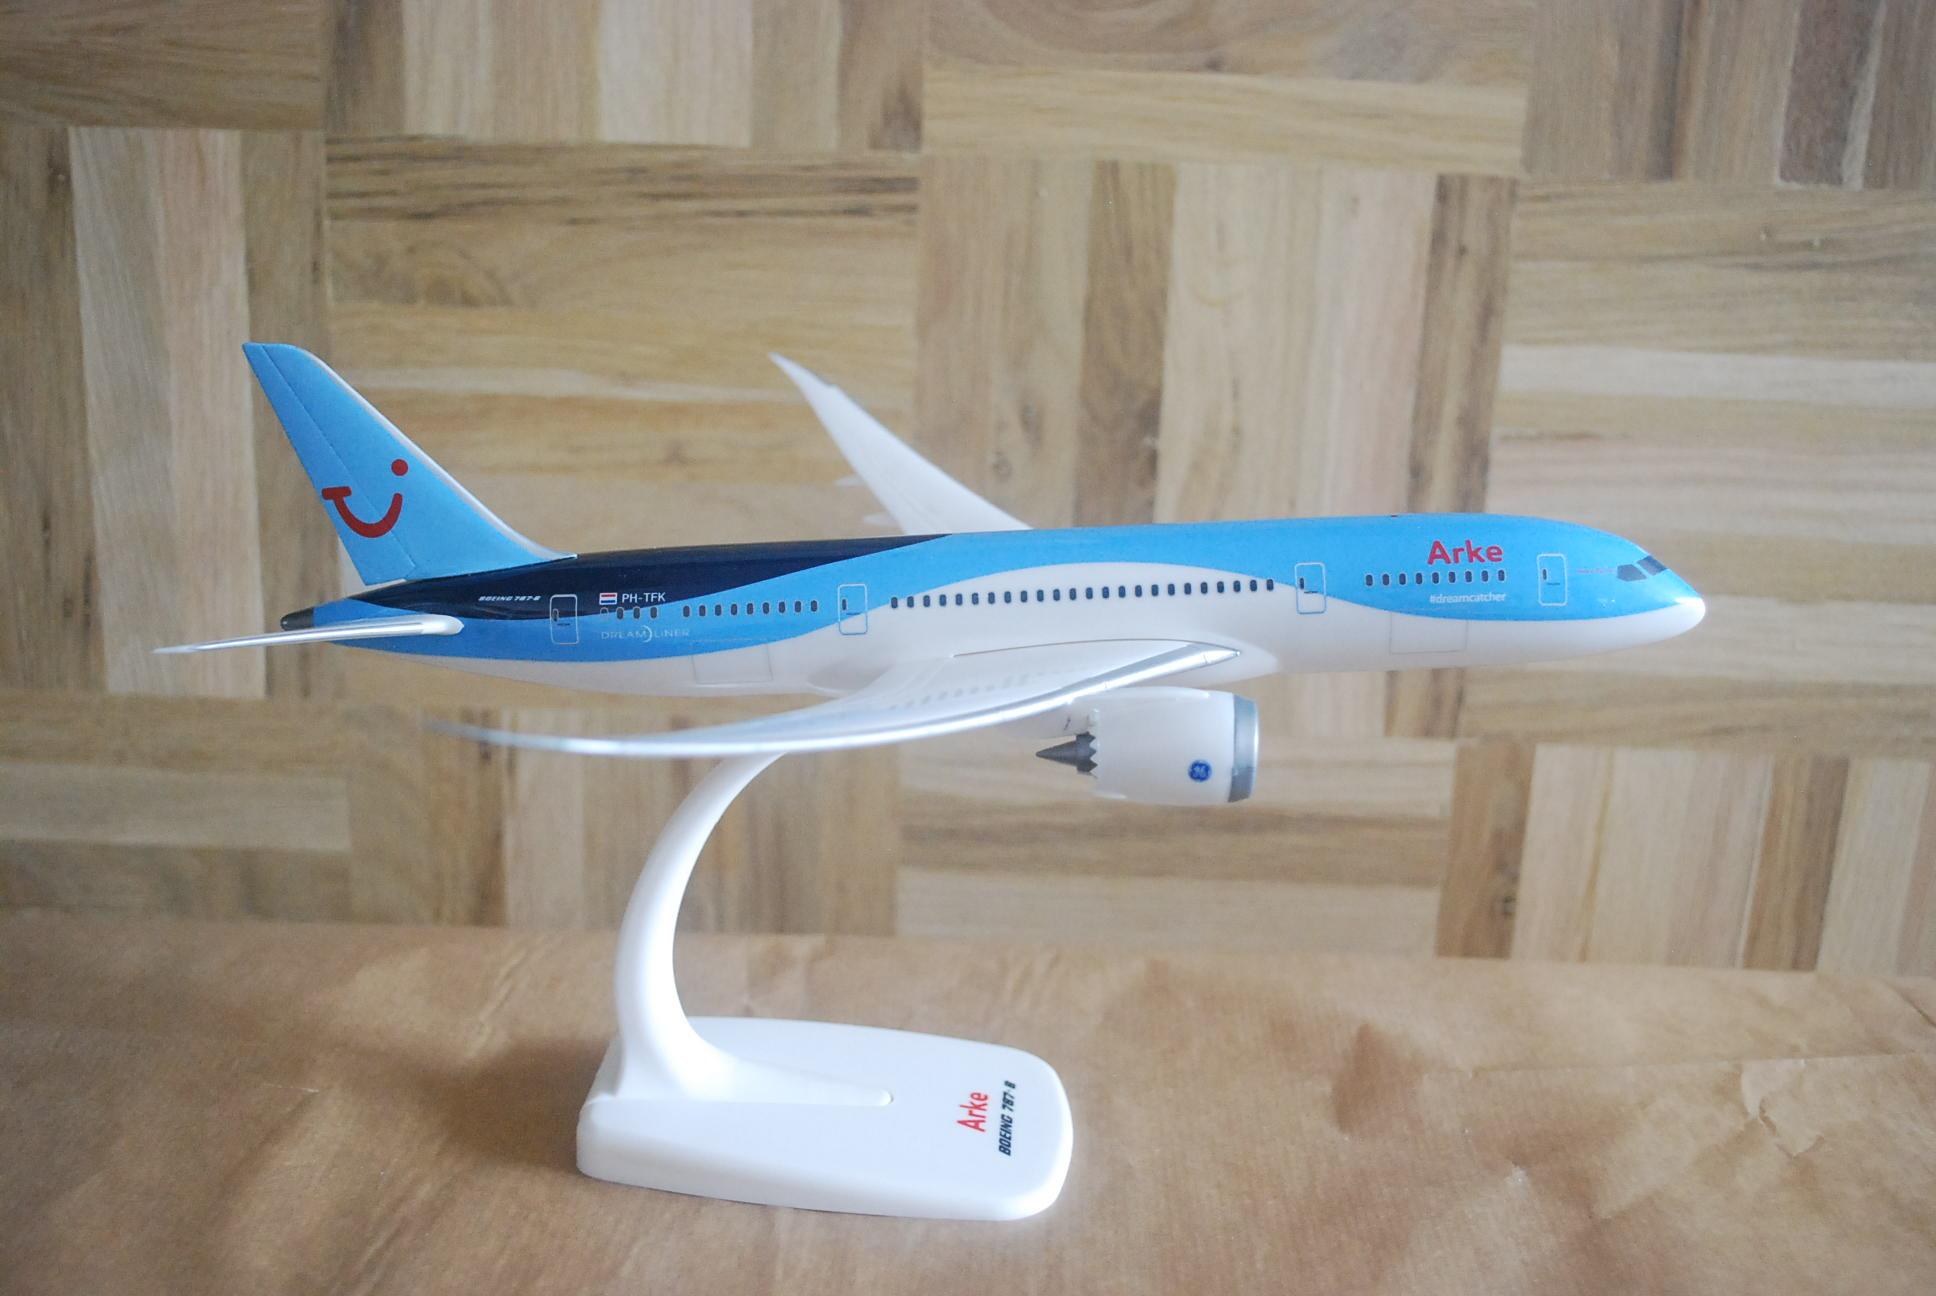 PPC Holland Arke Boeing 787-8 1:200 Dreamliner